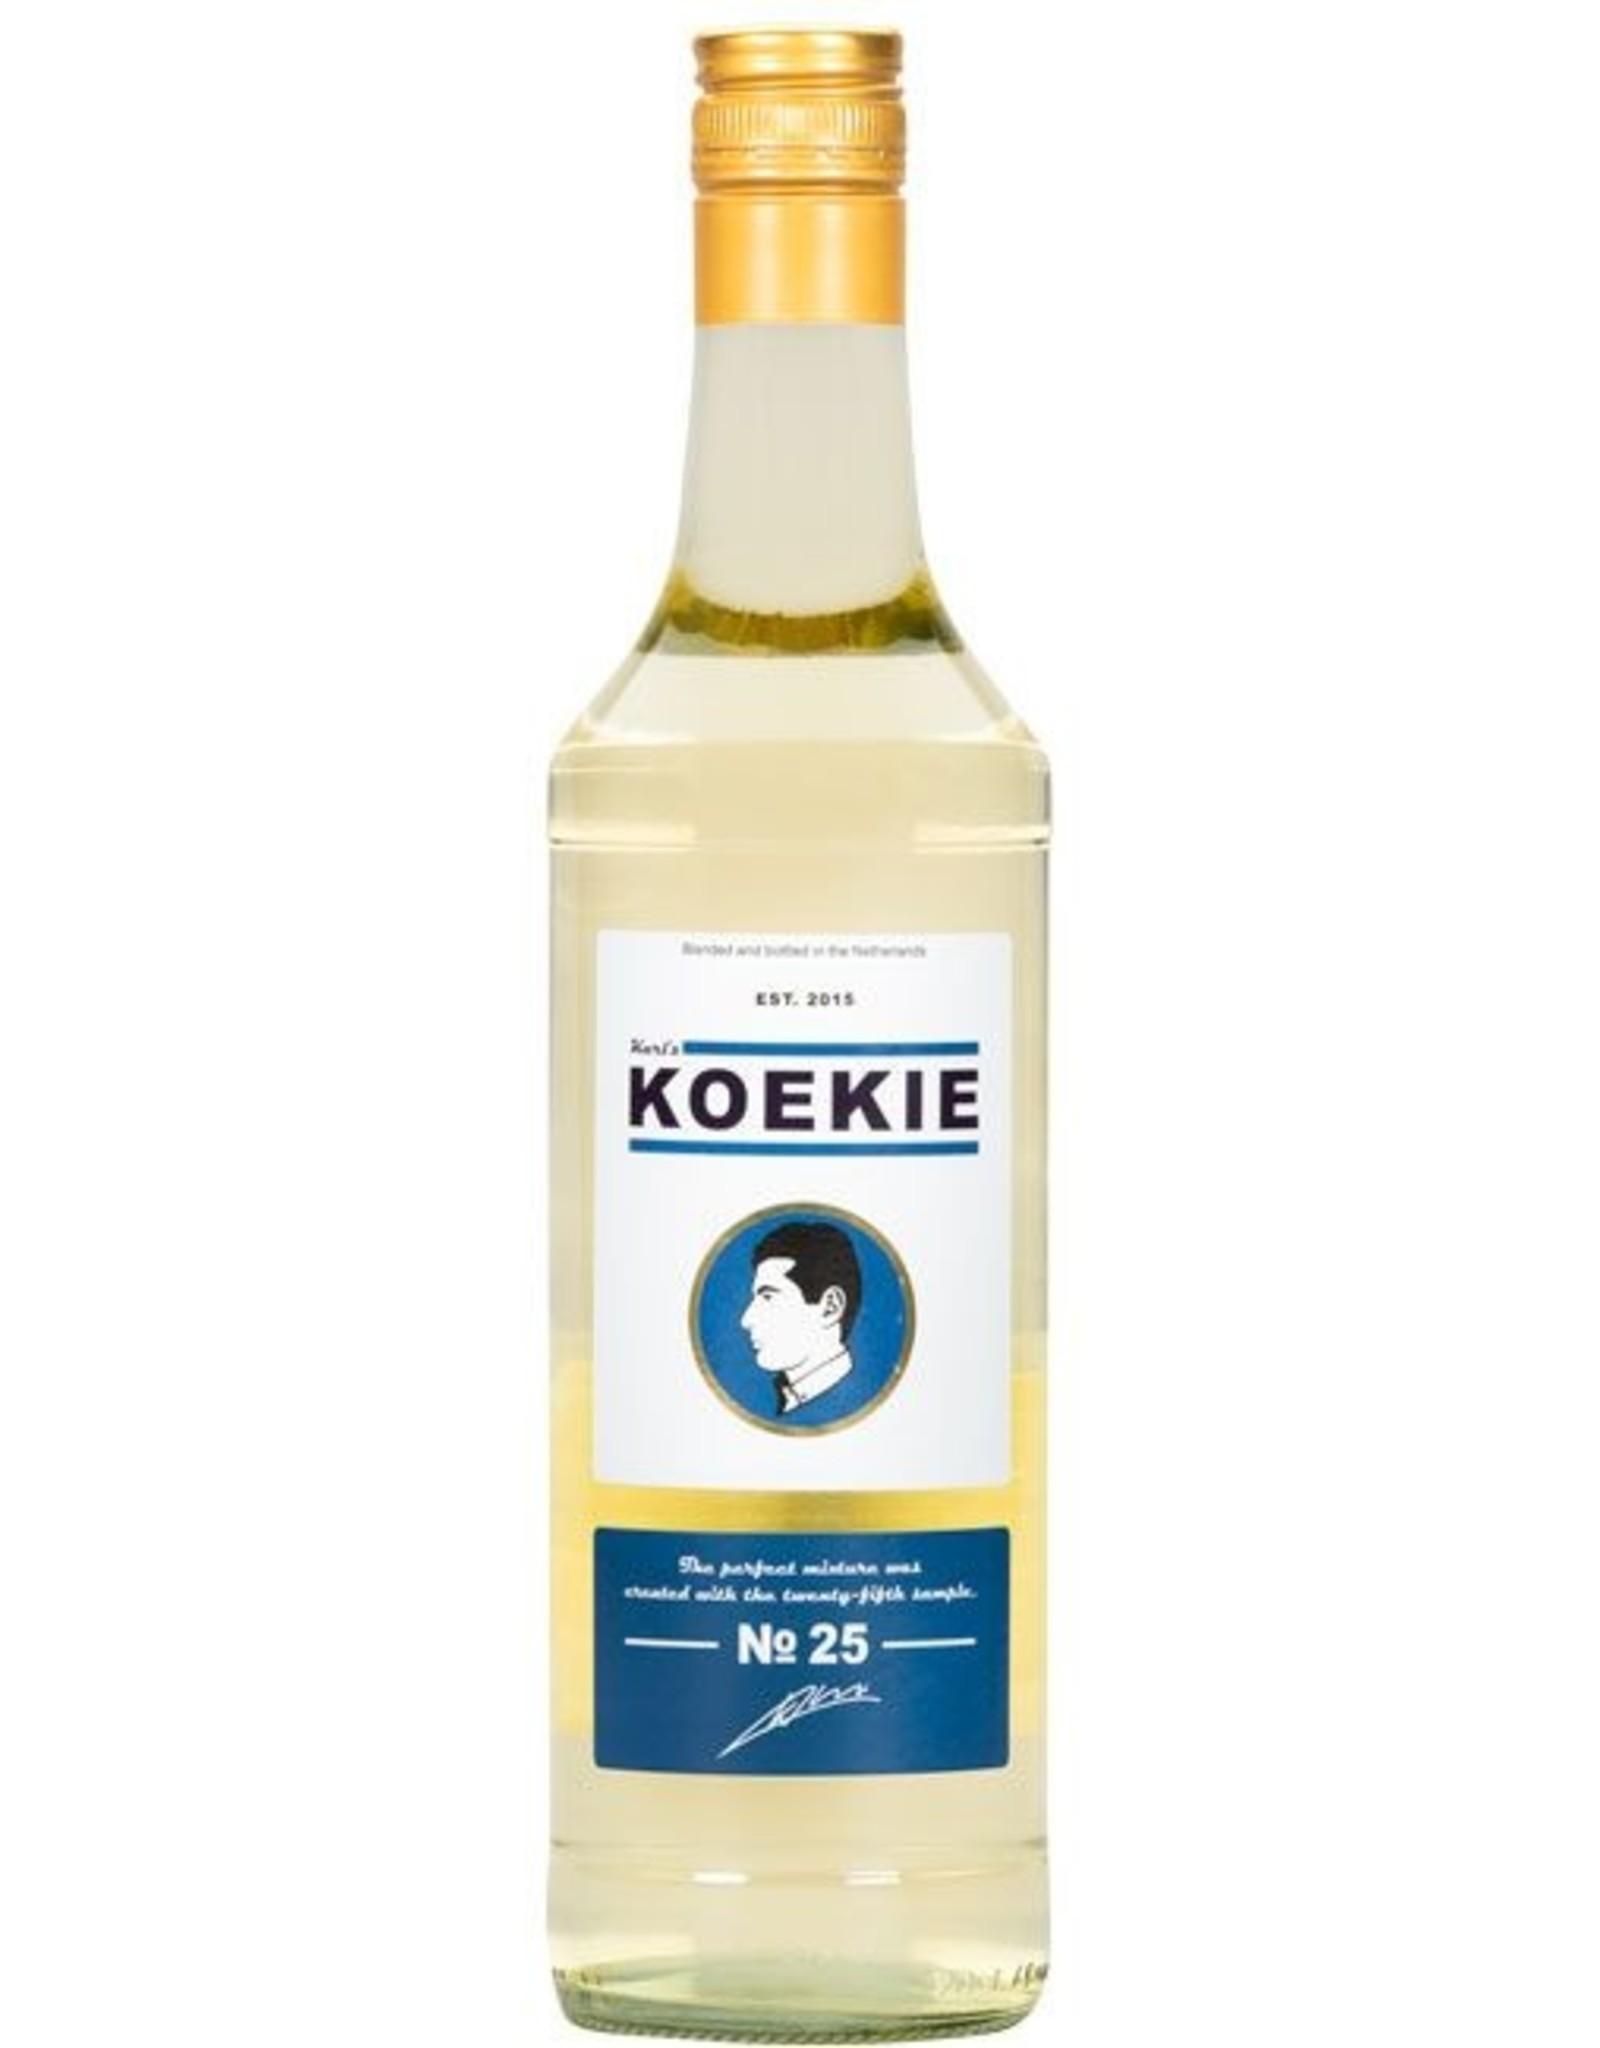 Karl's Karl's Koekie No.25 70cl